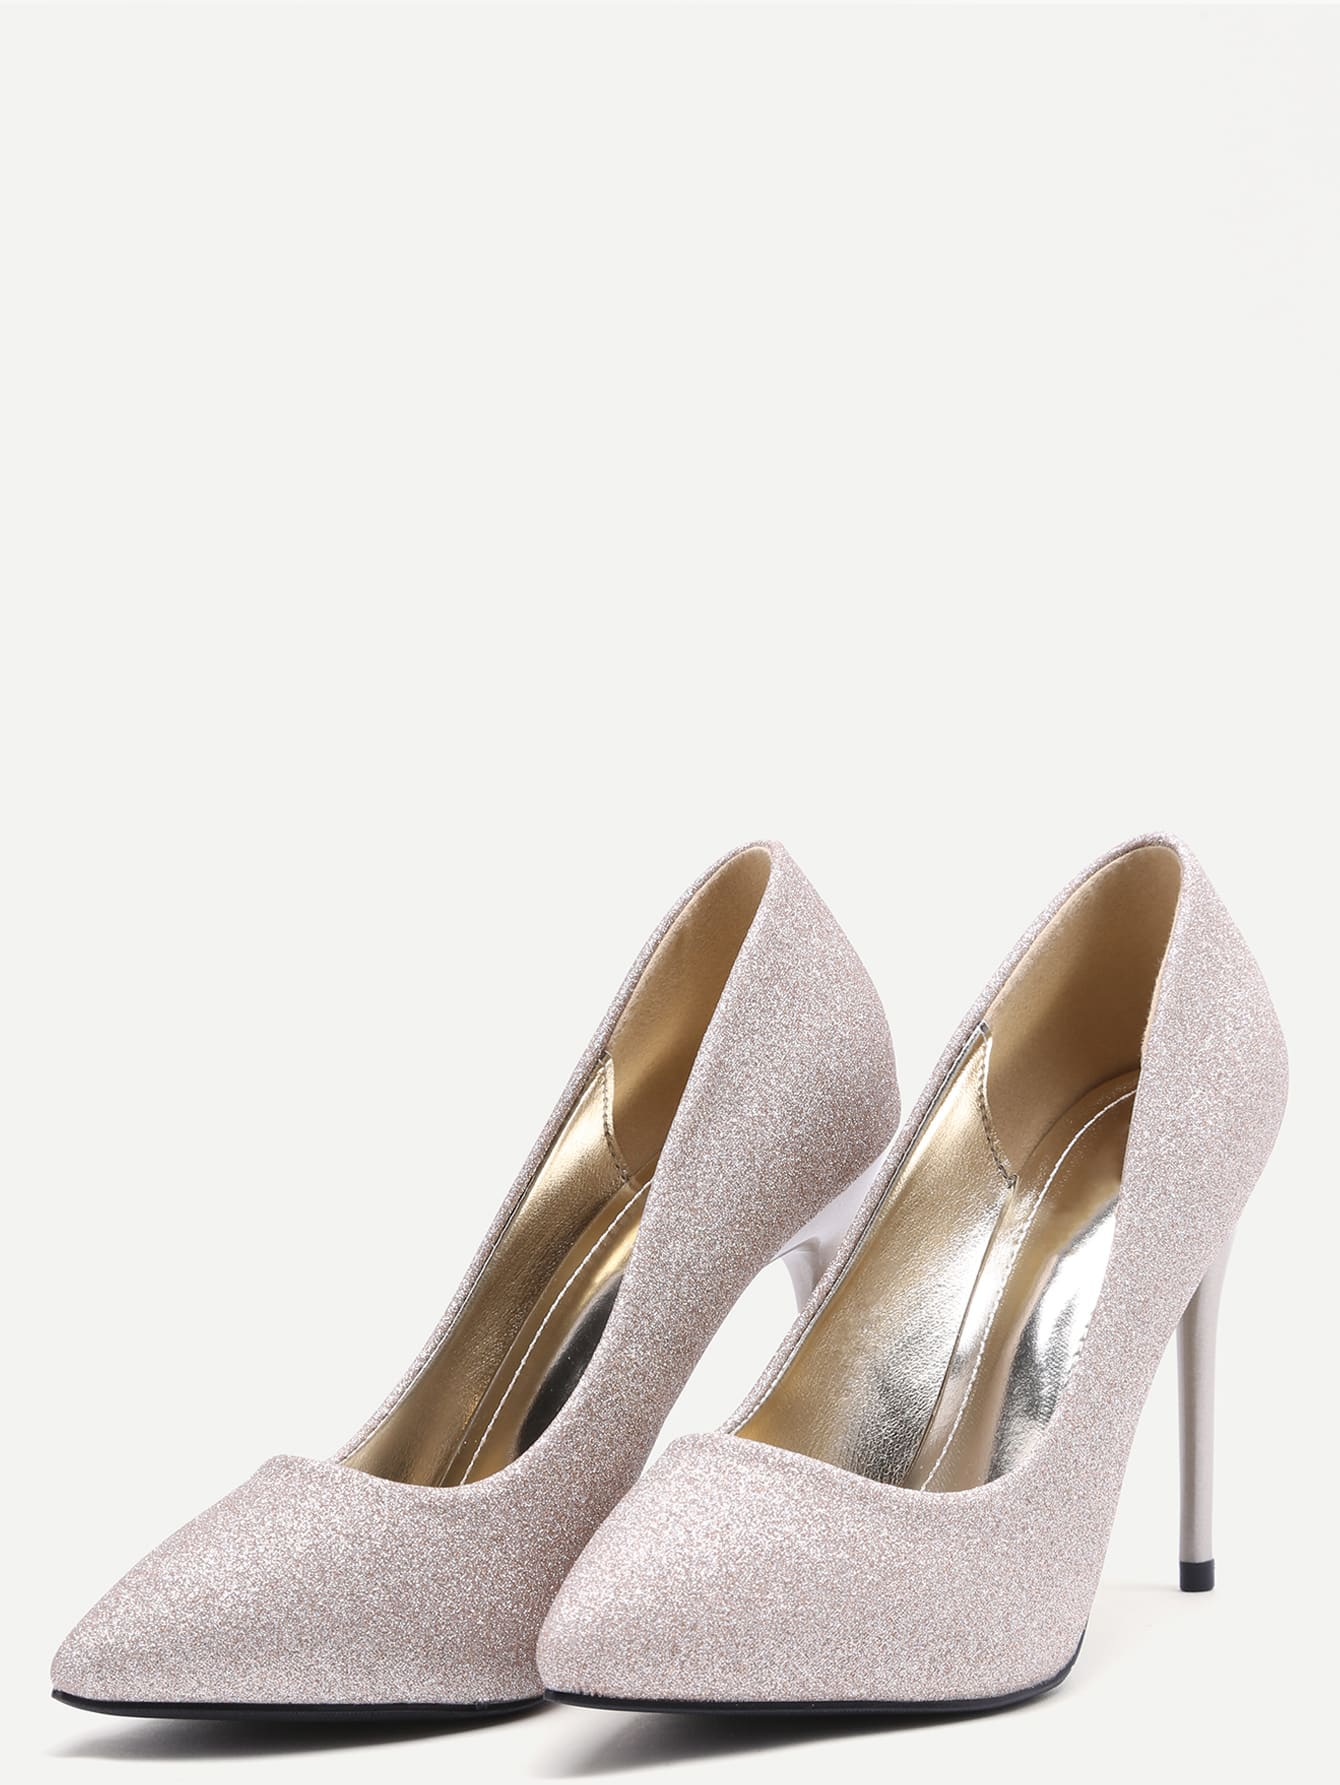 shoes161207805_2